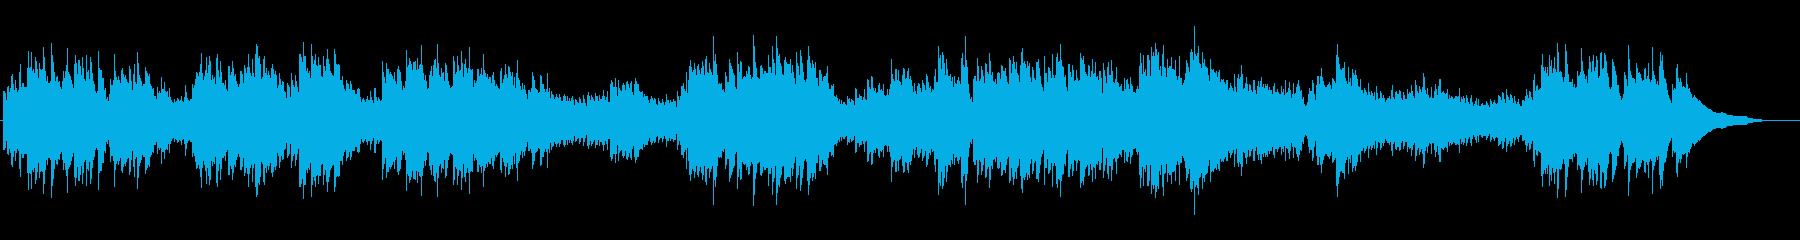 可憐でクルクル回転するイメージのピアノ曲の再生済みの波形